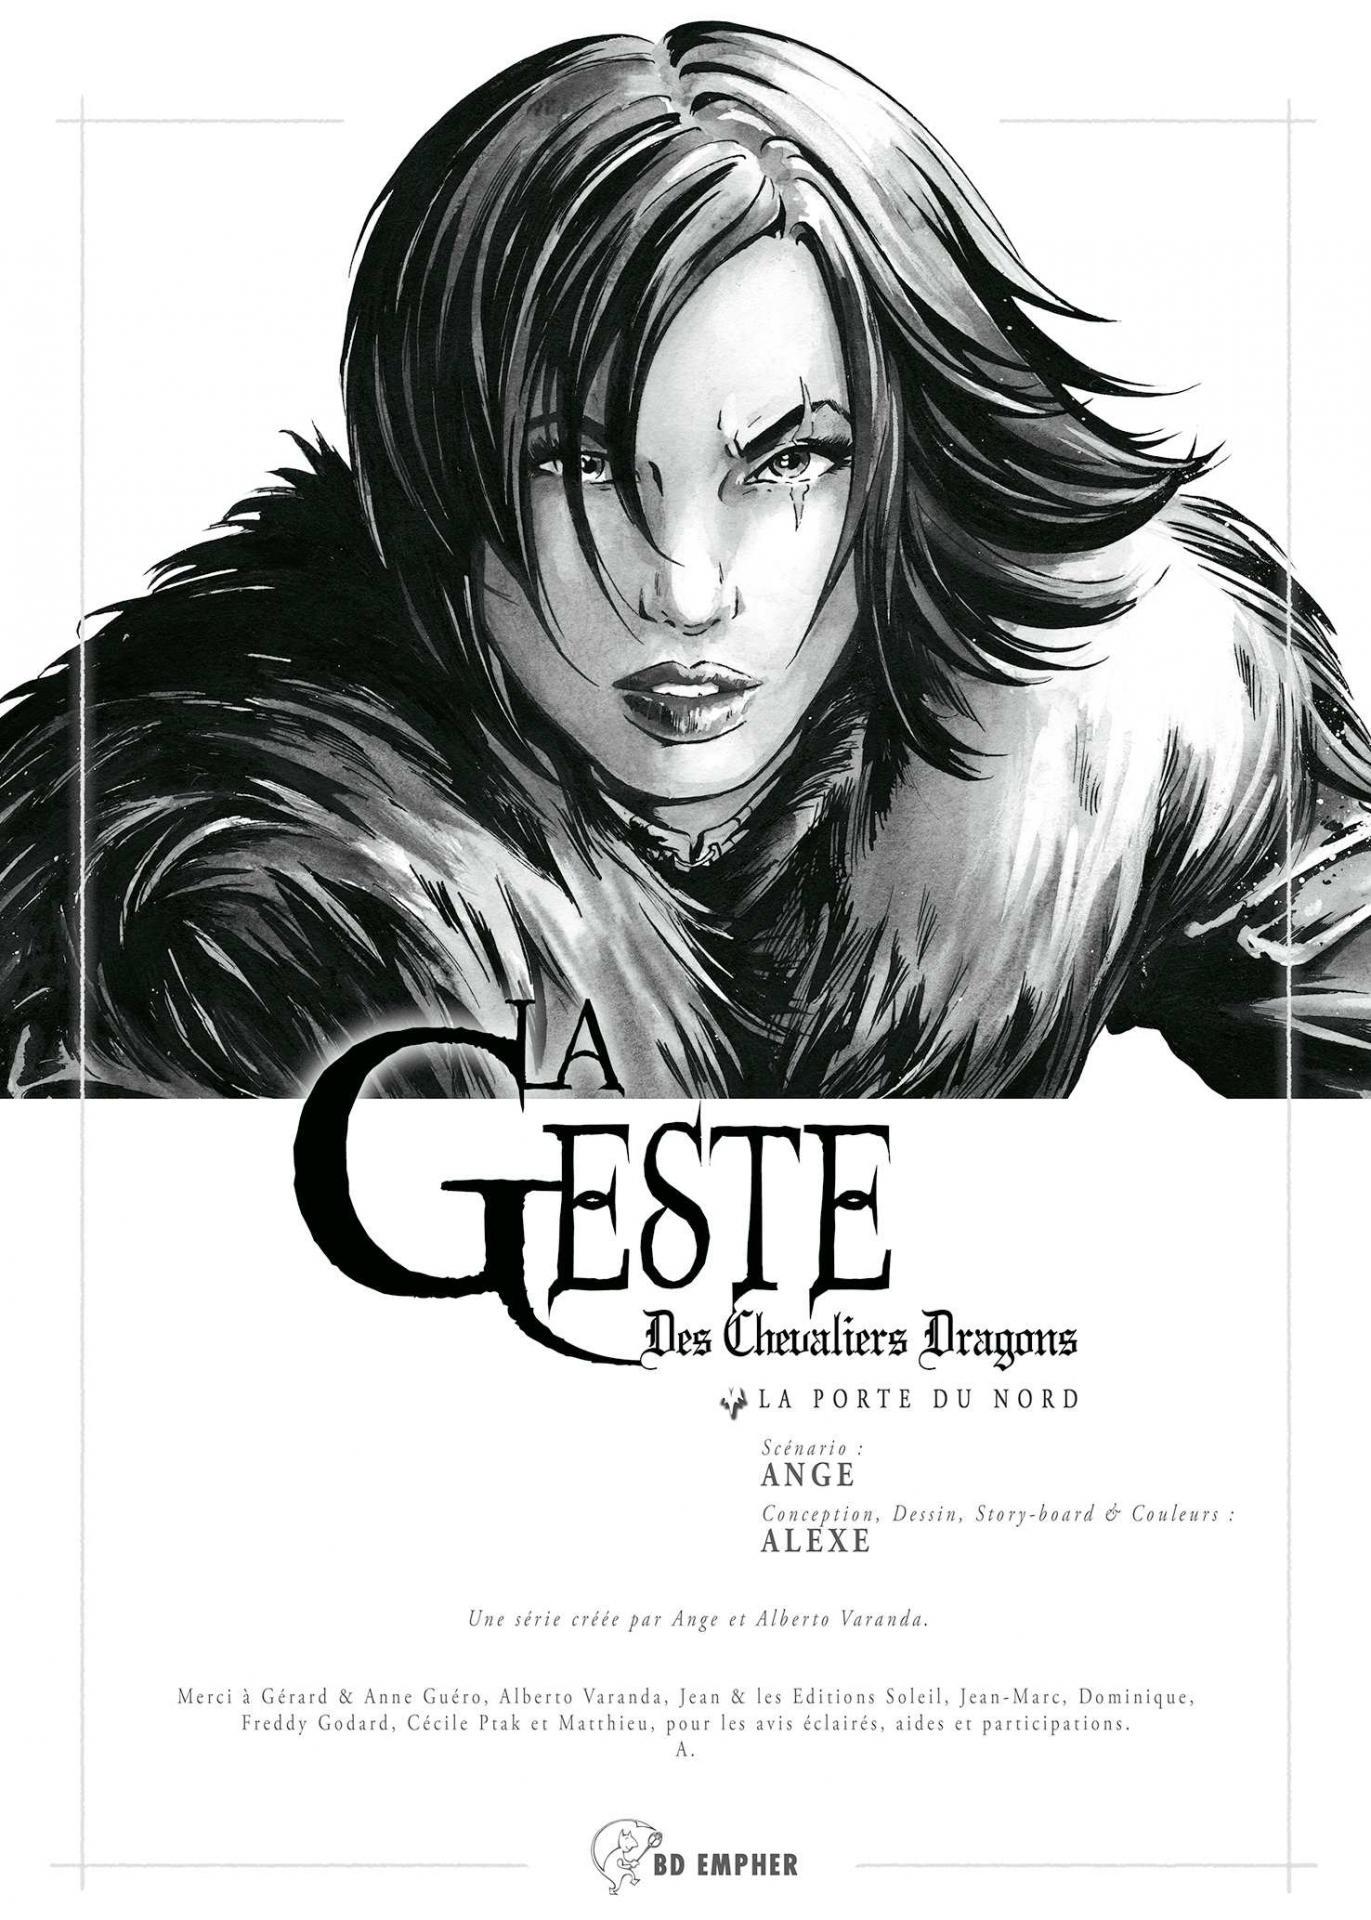 Alexe La Geste des Chevaliers Dragons page titre du Tirage de Luxe